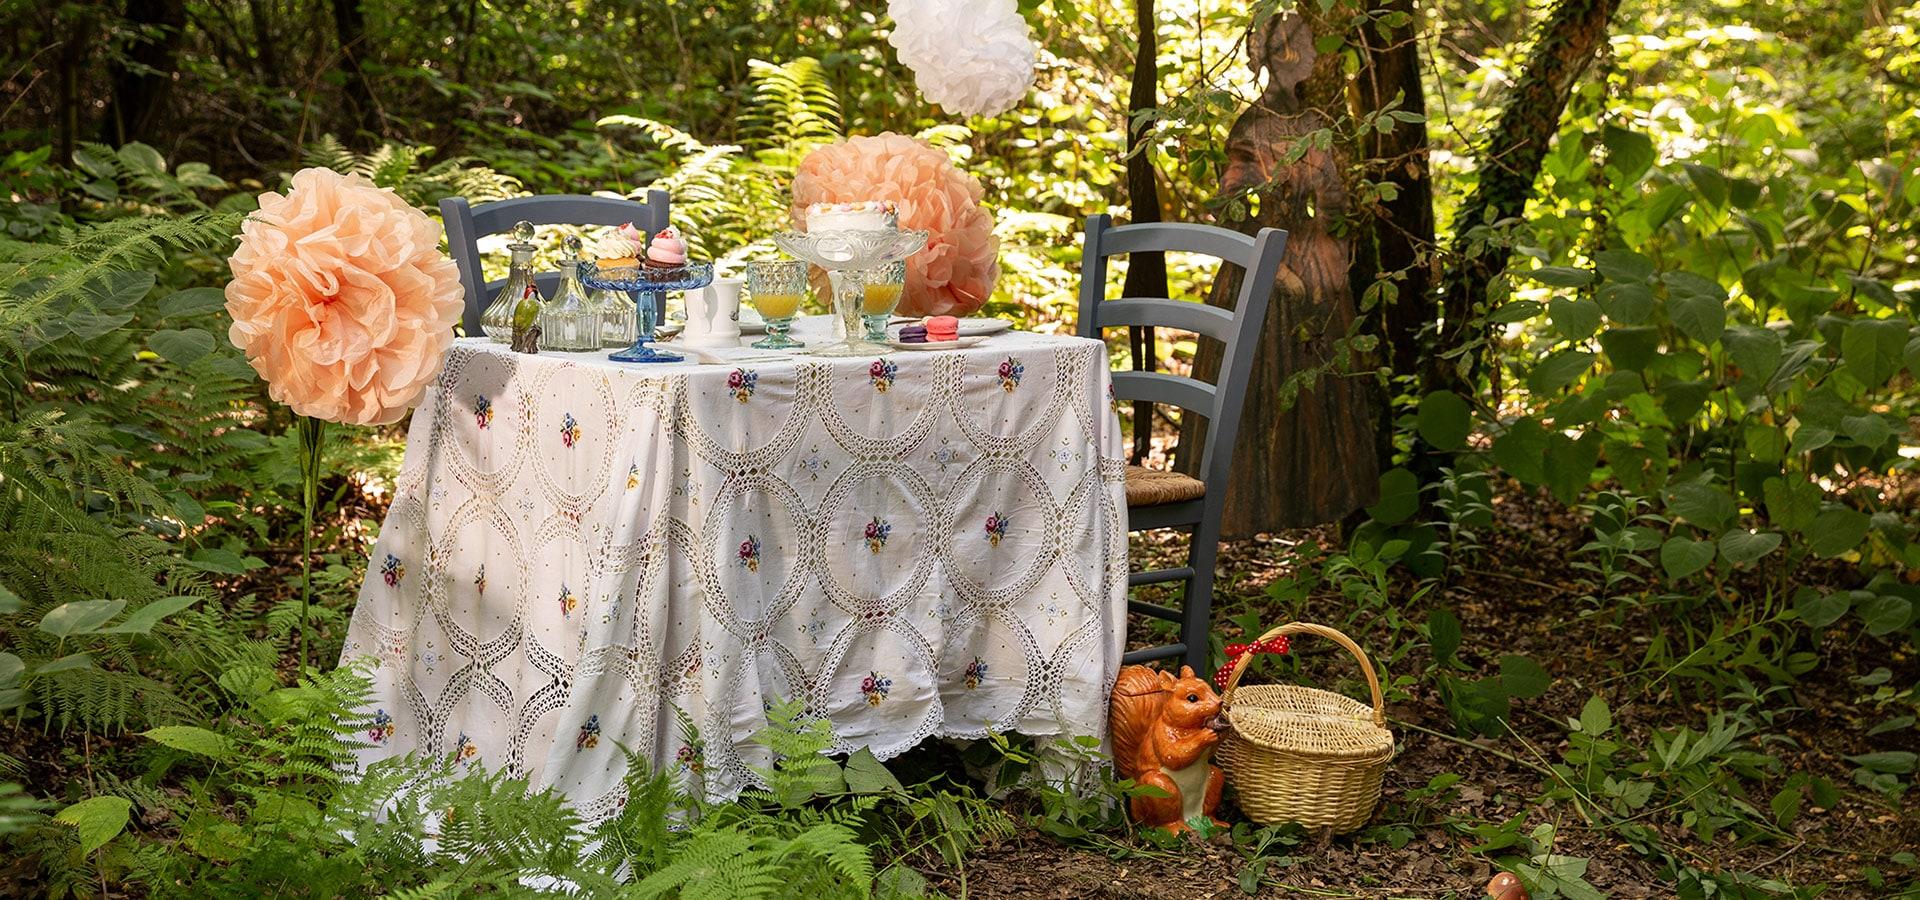 Ispirazioni per un picnic romantico nel bosco